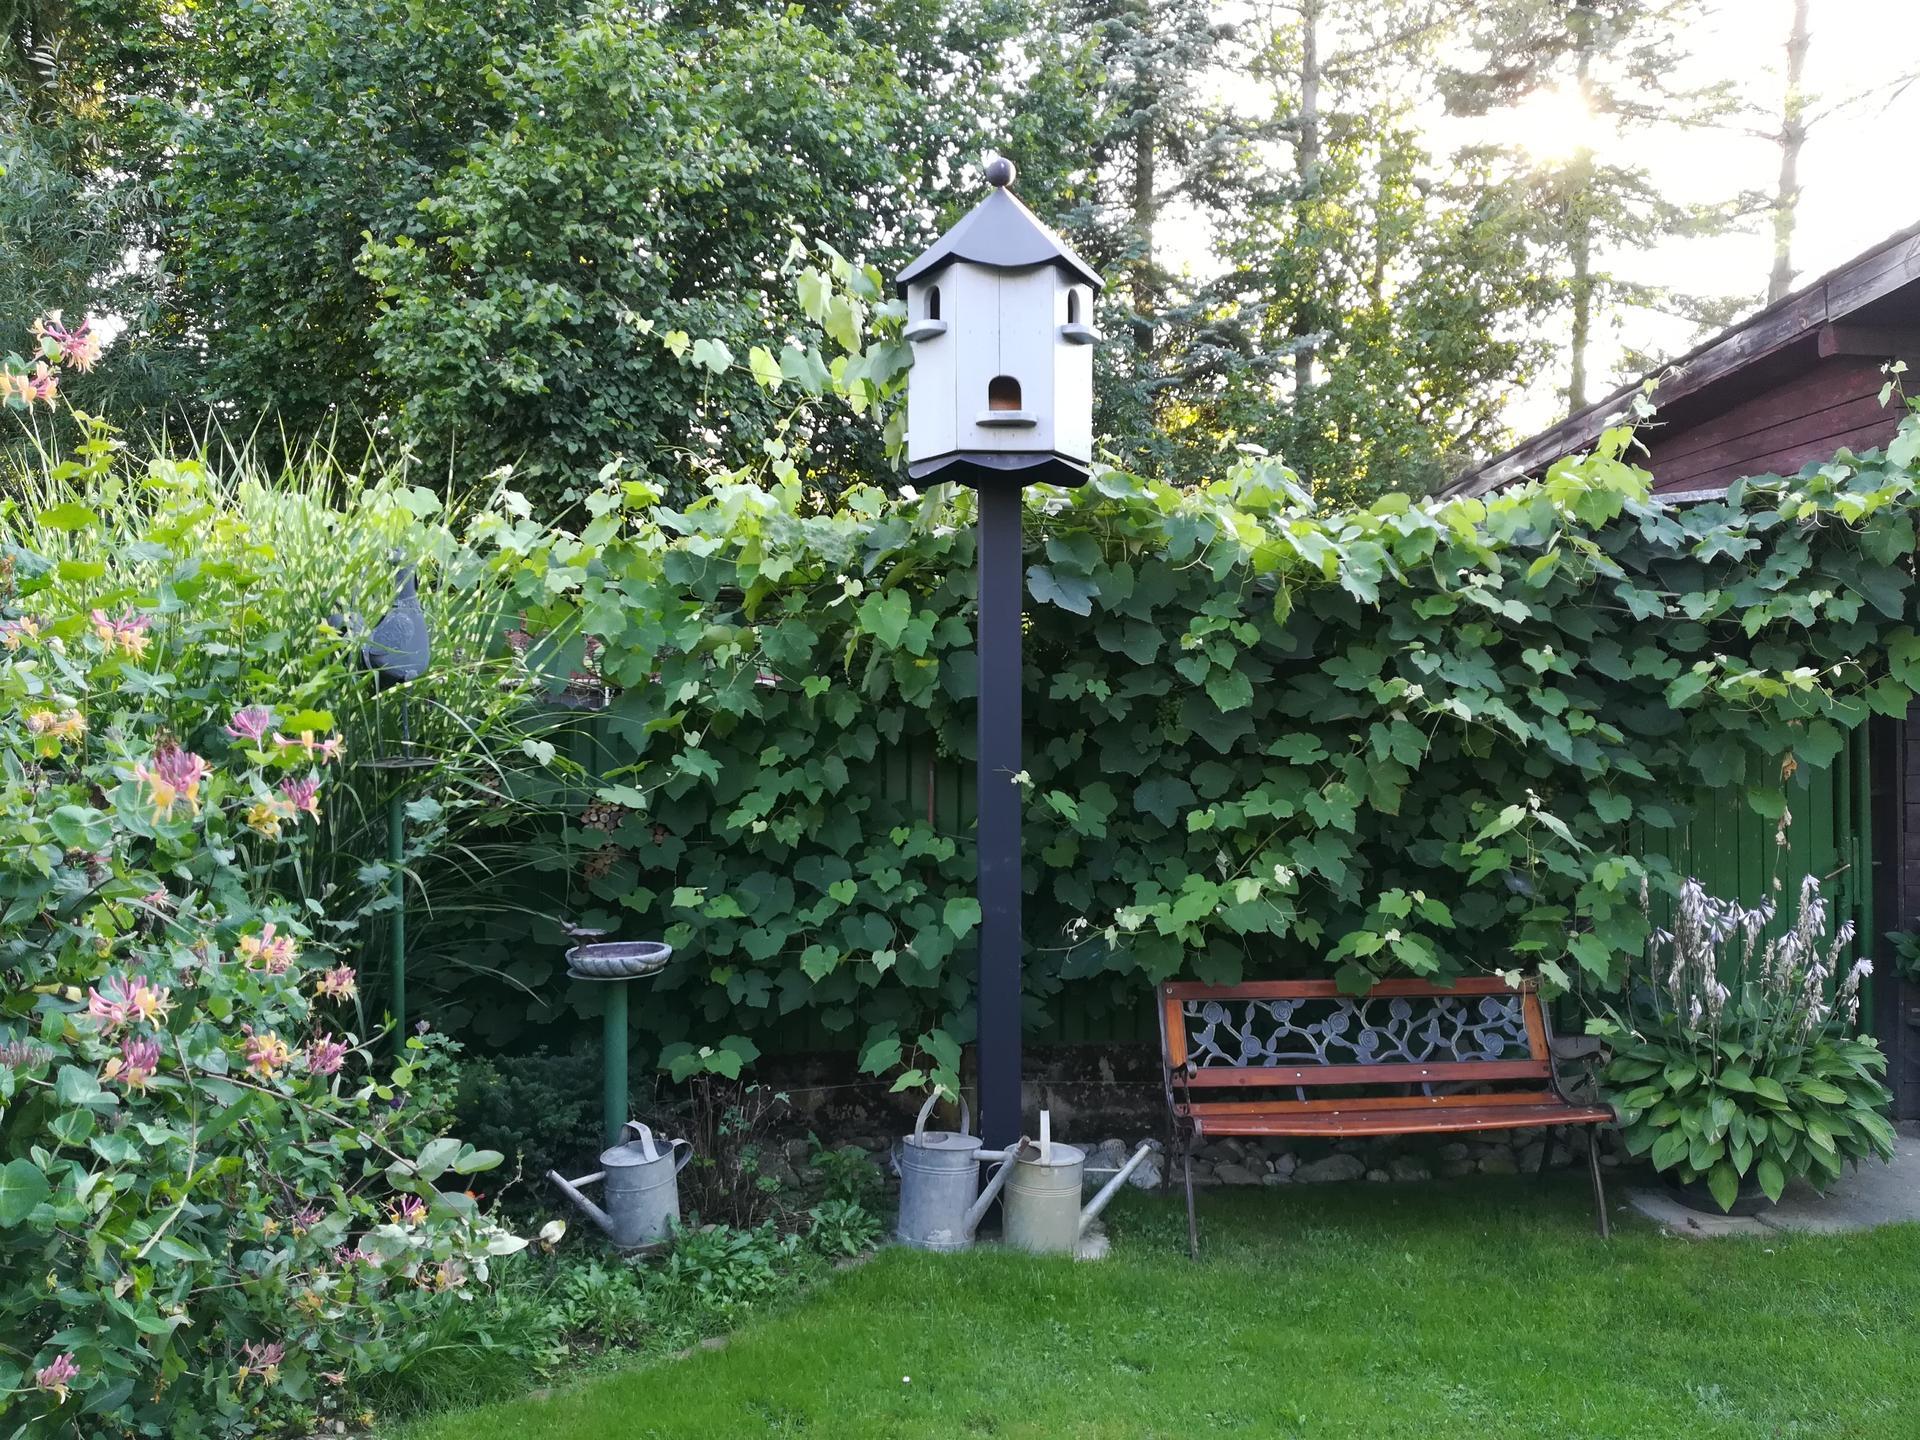 Pozdrav zo záhrady. - Obrázok č. 160